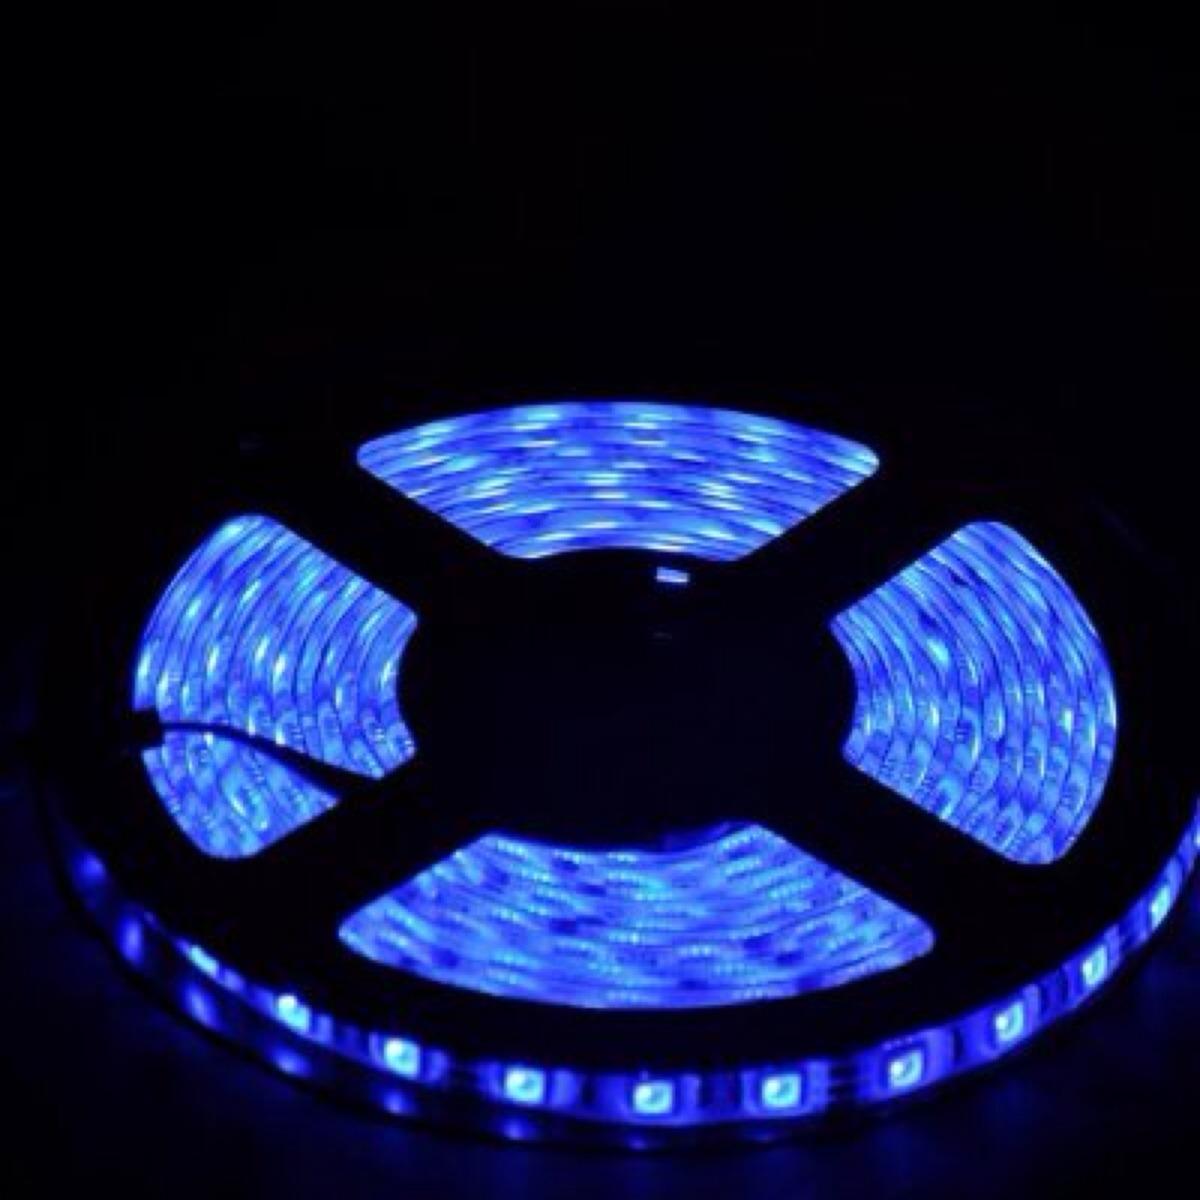 Luces led de tira a prueba de agua 5 en mercado - Tiras de led precio ...